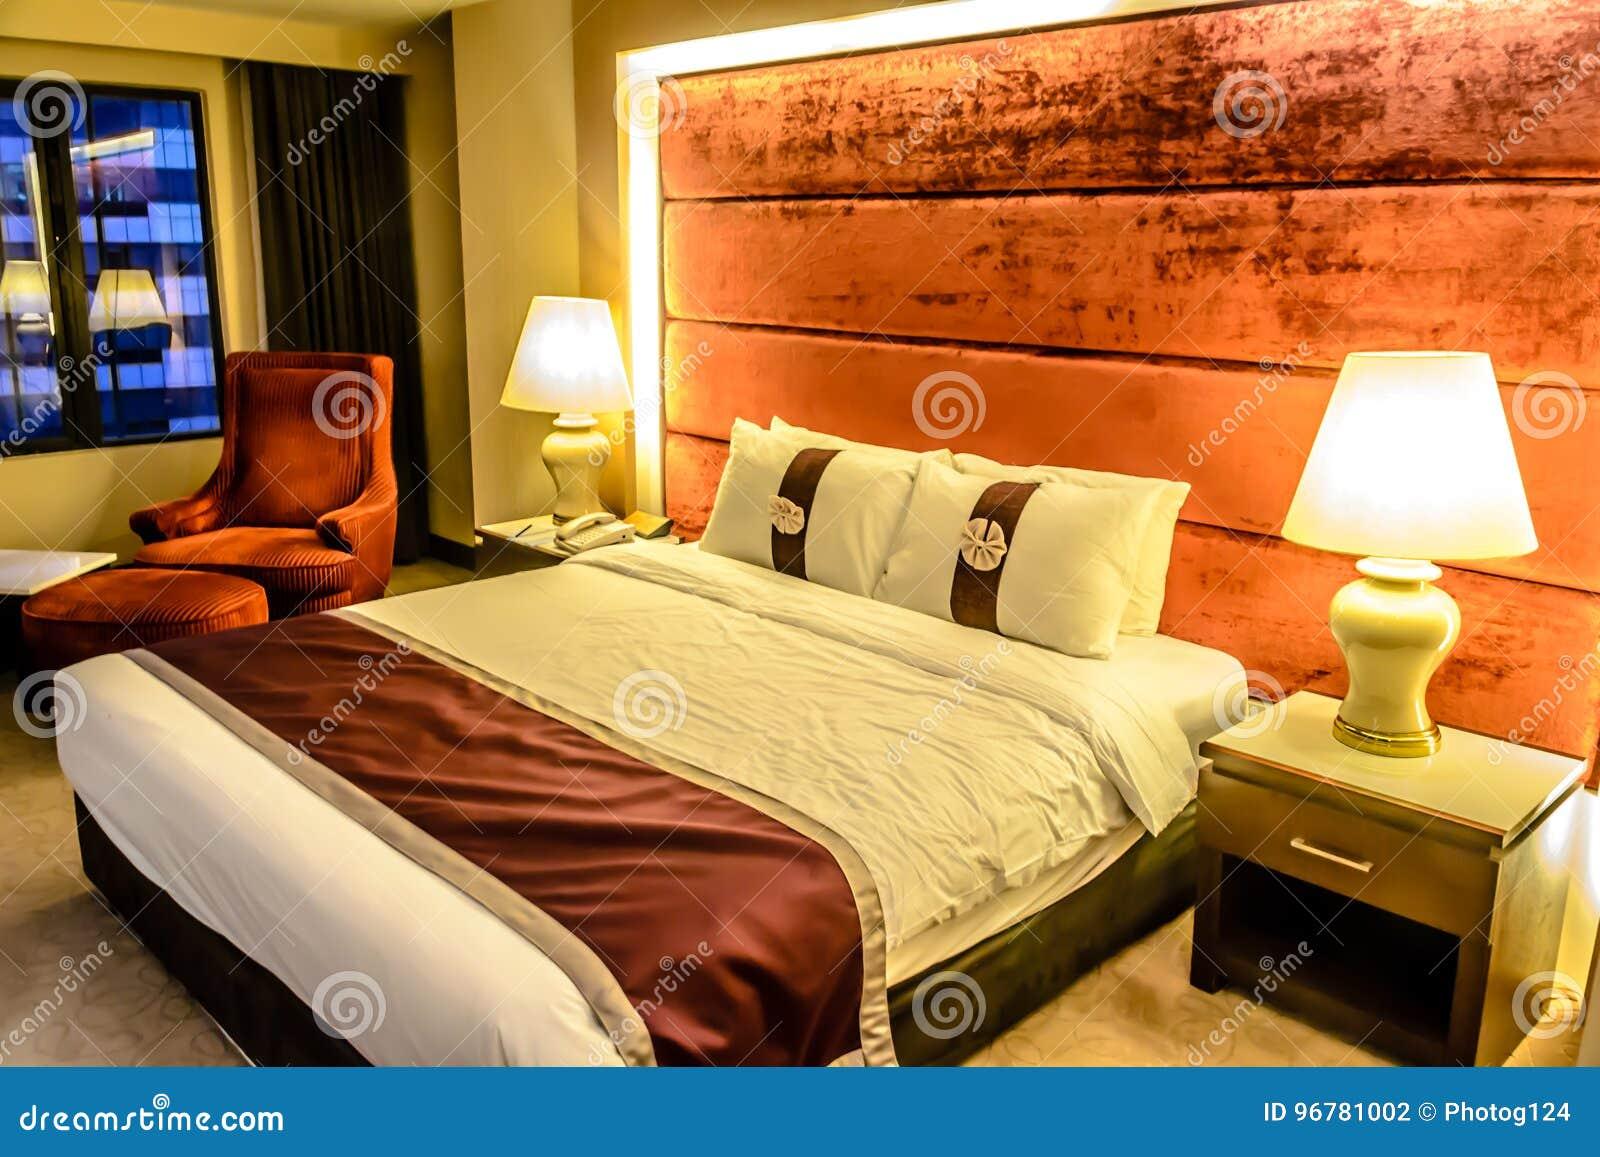 Bello Camera Da Letto E Letto Matrimoniale In Hotel, Piano ...